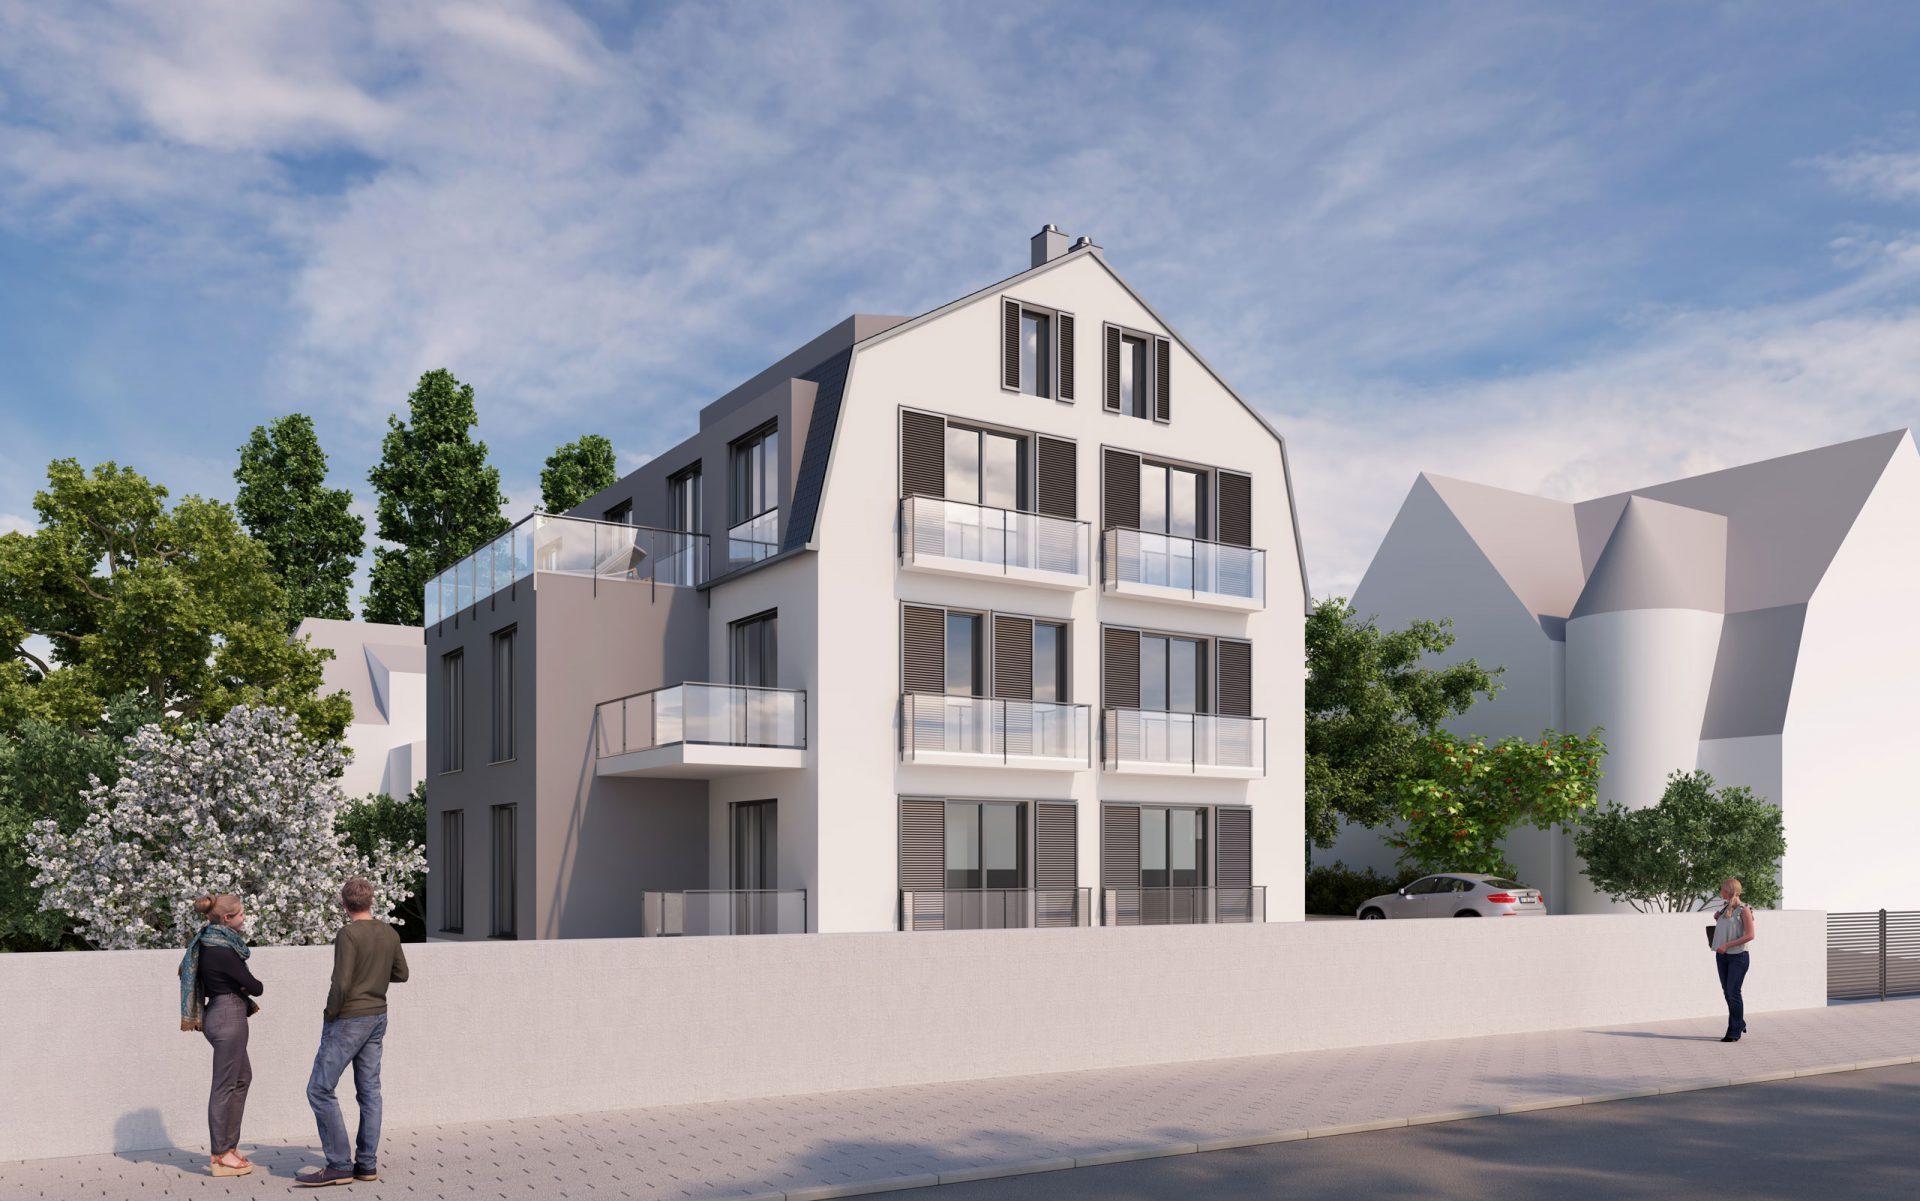 3D Architekturvisualisierung Mehrfamilienhaus